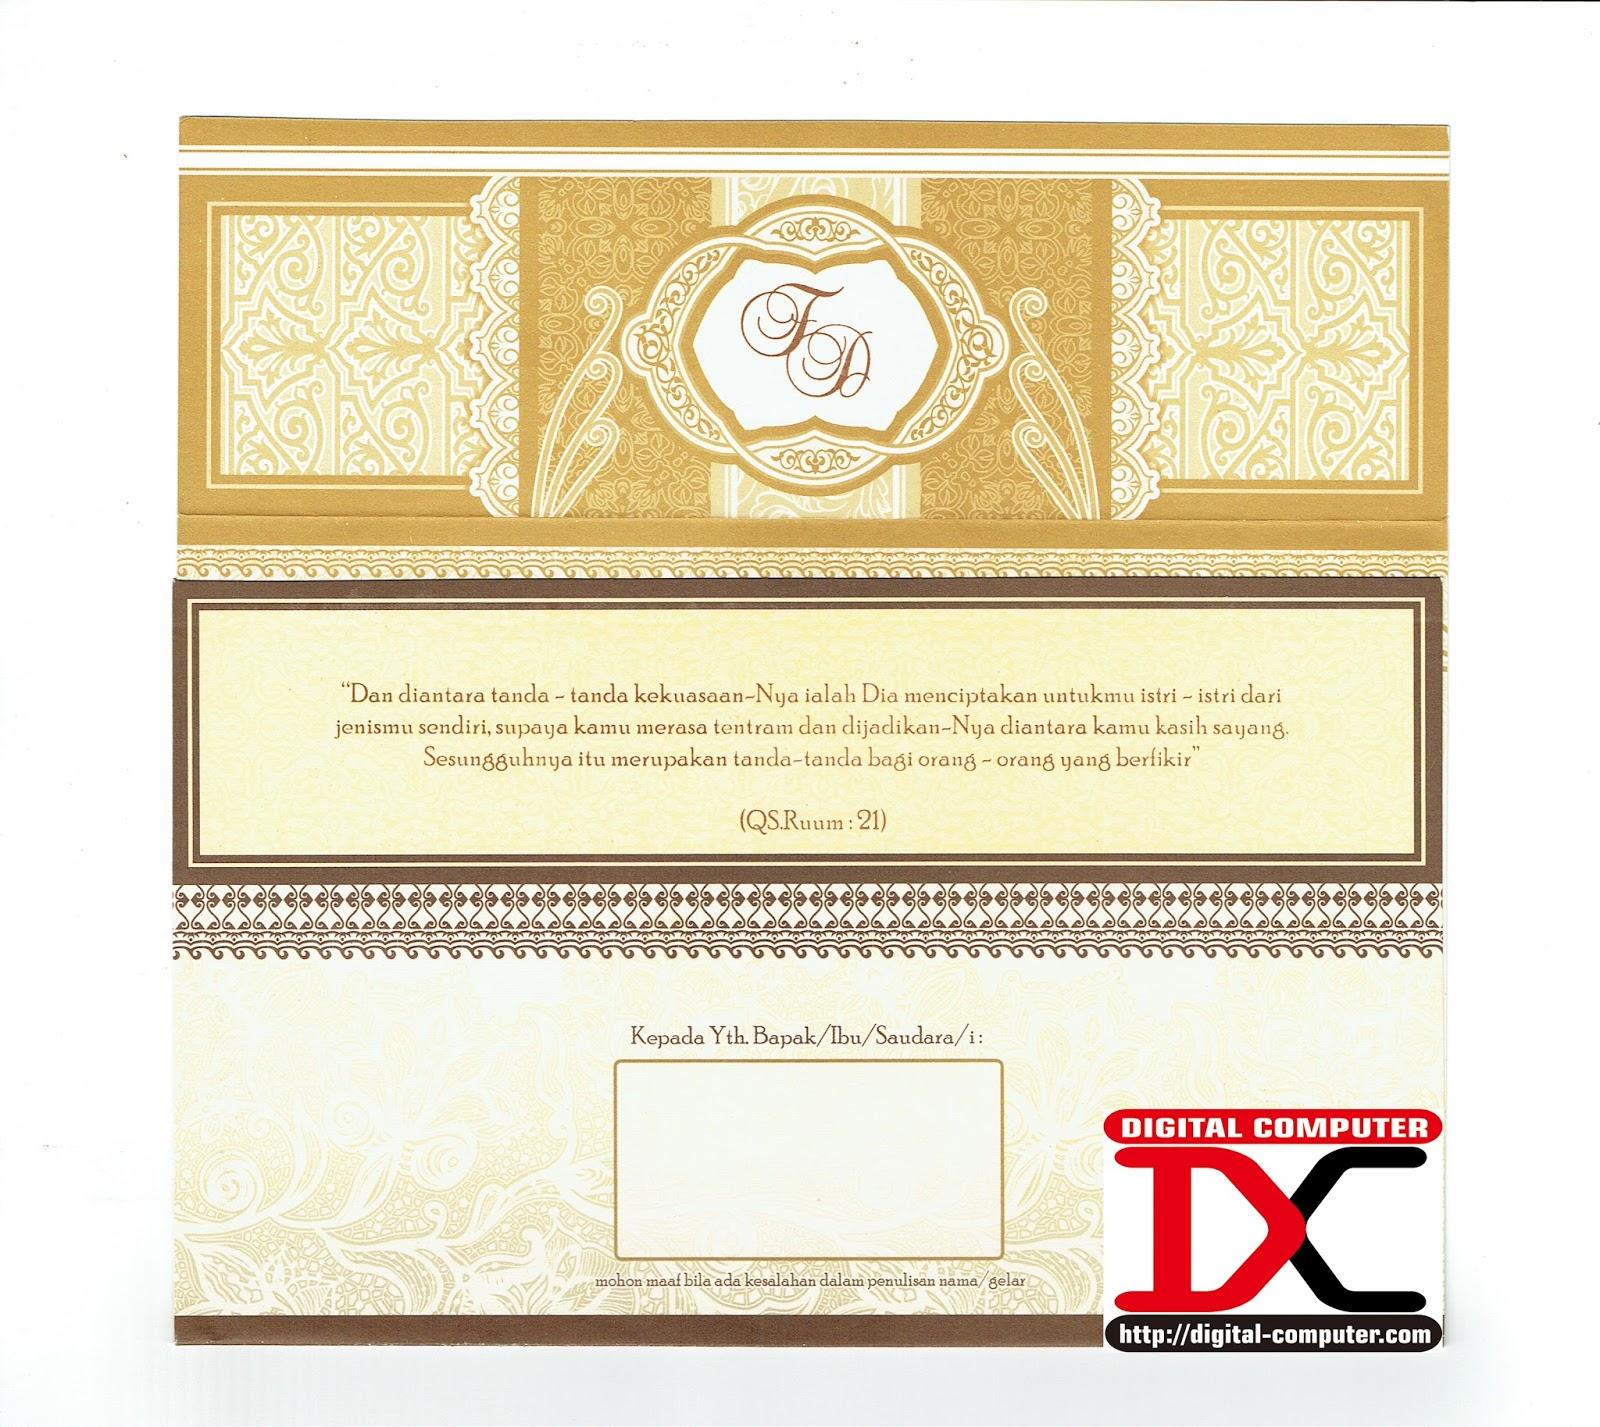 undangan pernikahan harga 2200 rupiah